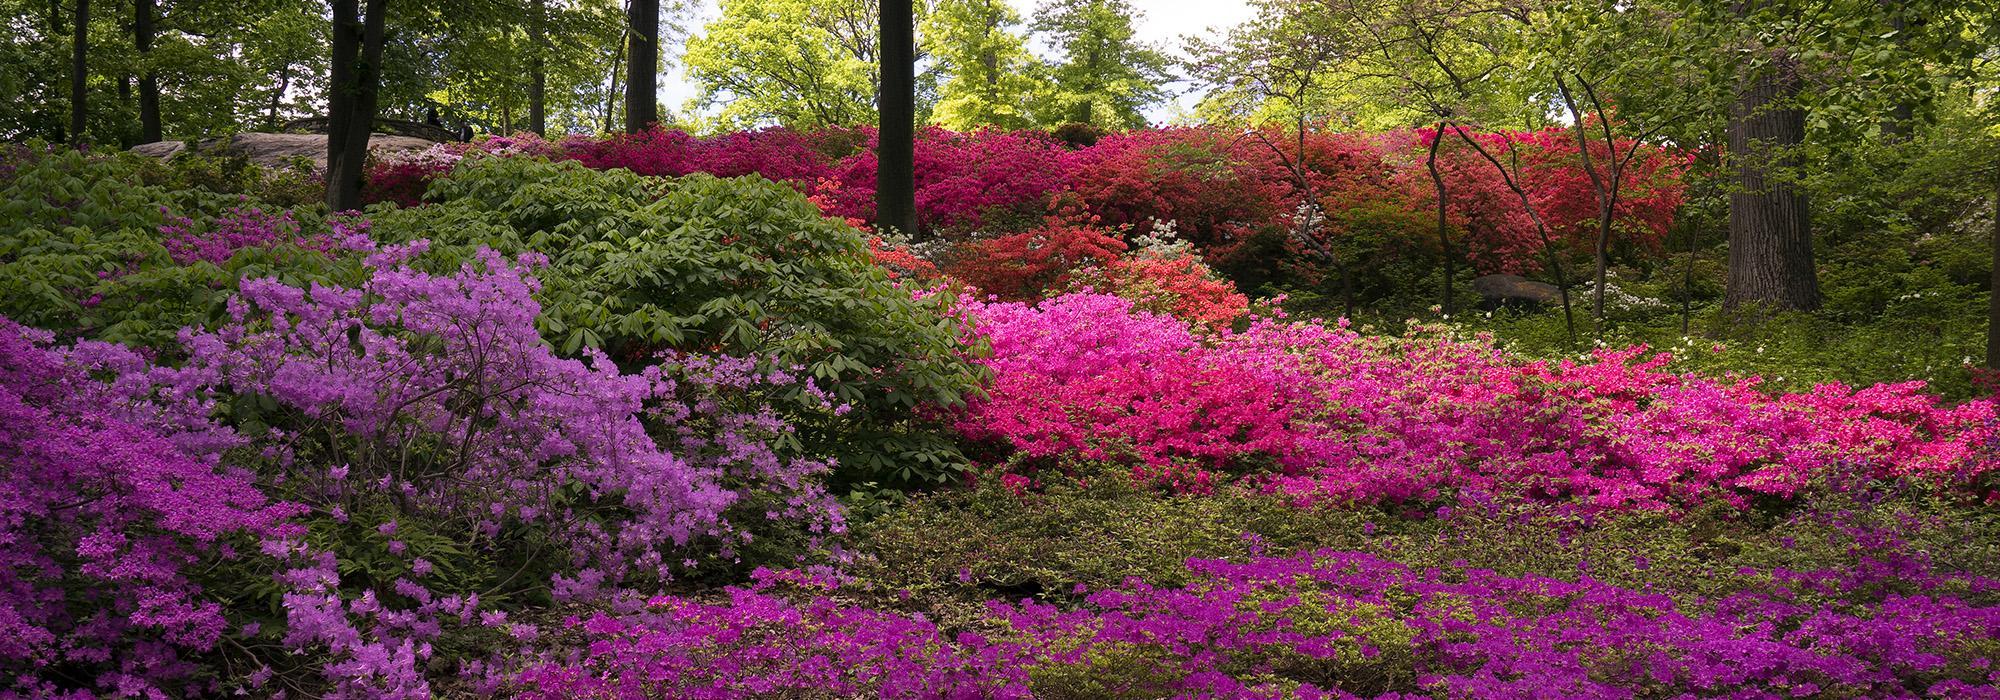 BotanicGarden_hero_SallyGall_2015.jpg